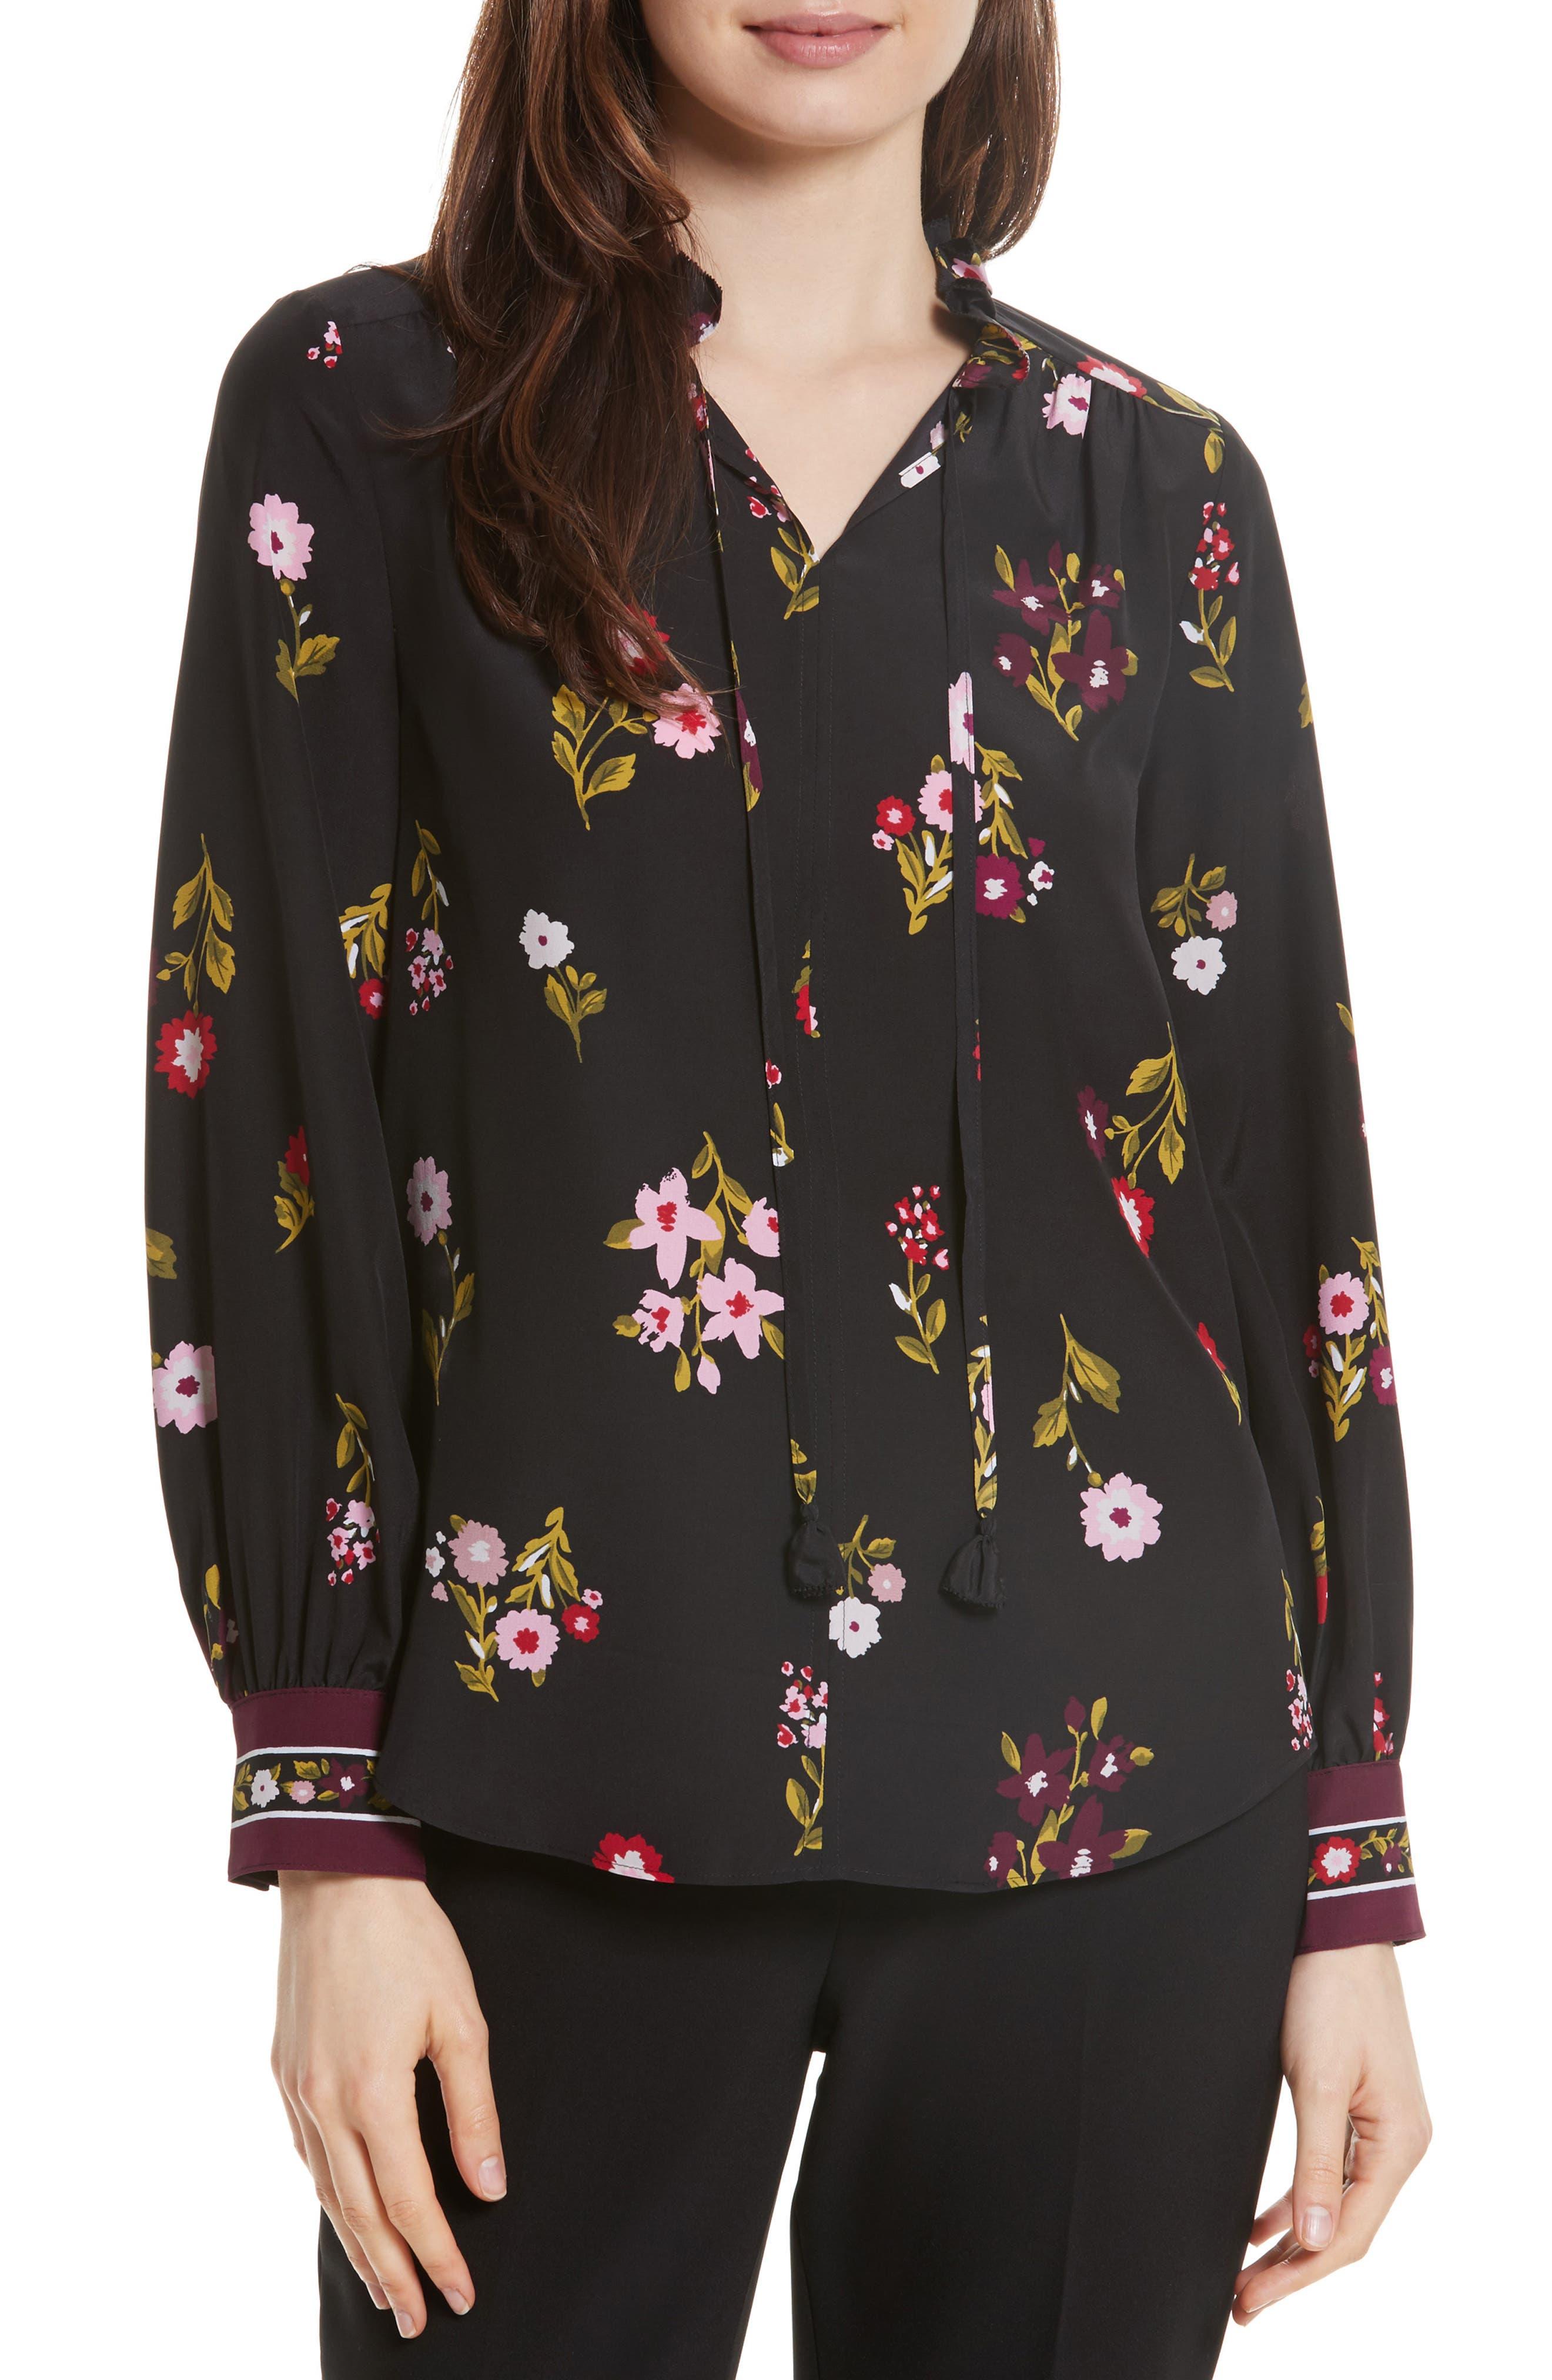 KATE SPADE NEW YORK in bloom silk top